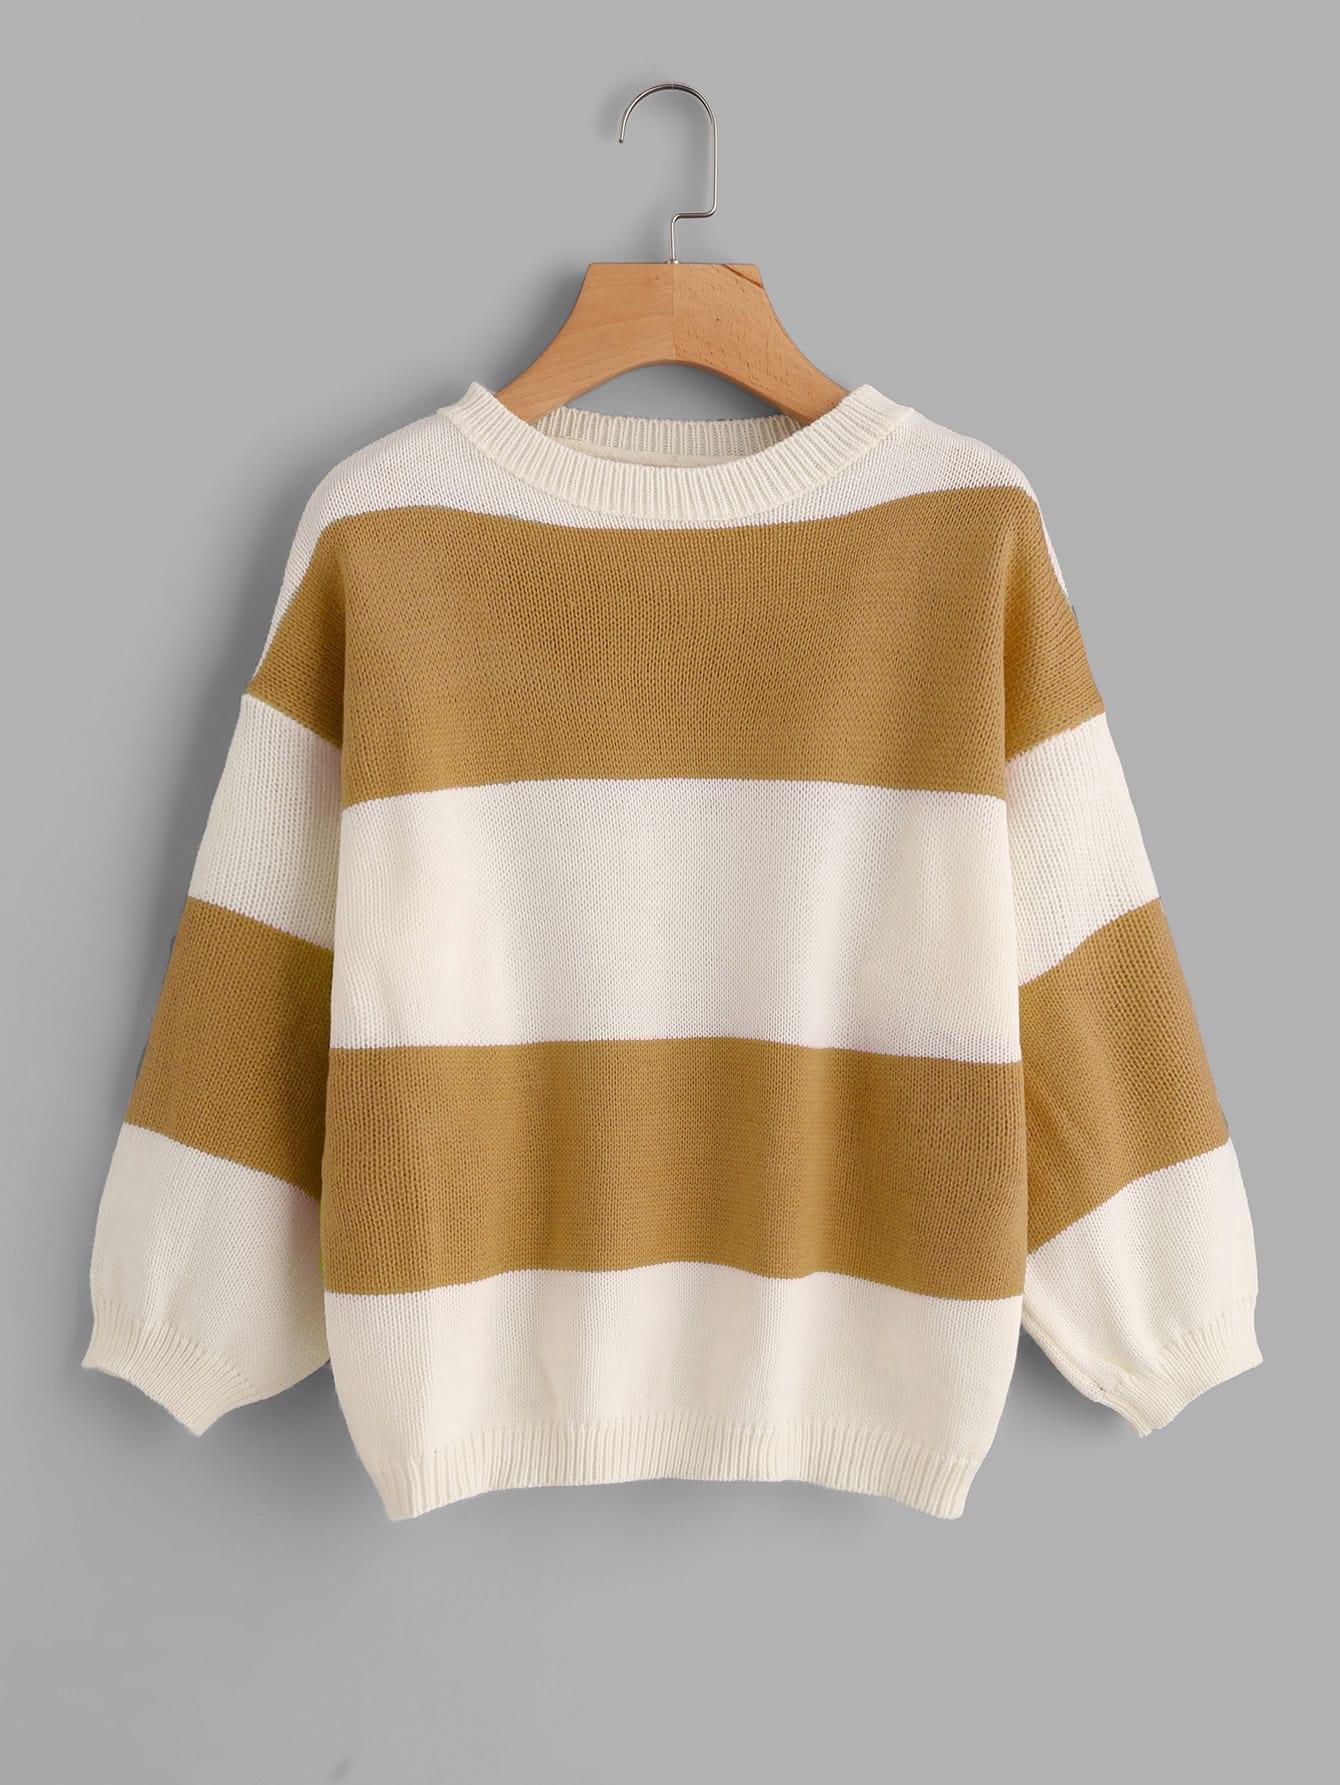 Pullover mit sehr tief angesetzter Schulterpartie und weiten Streifen